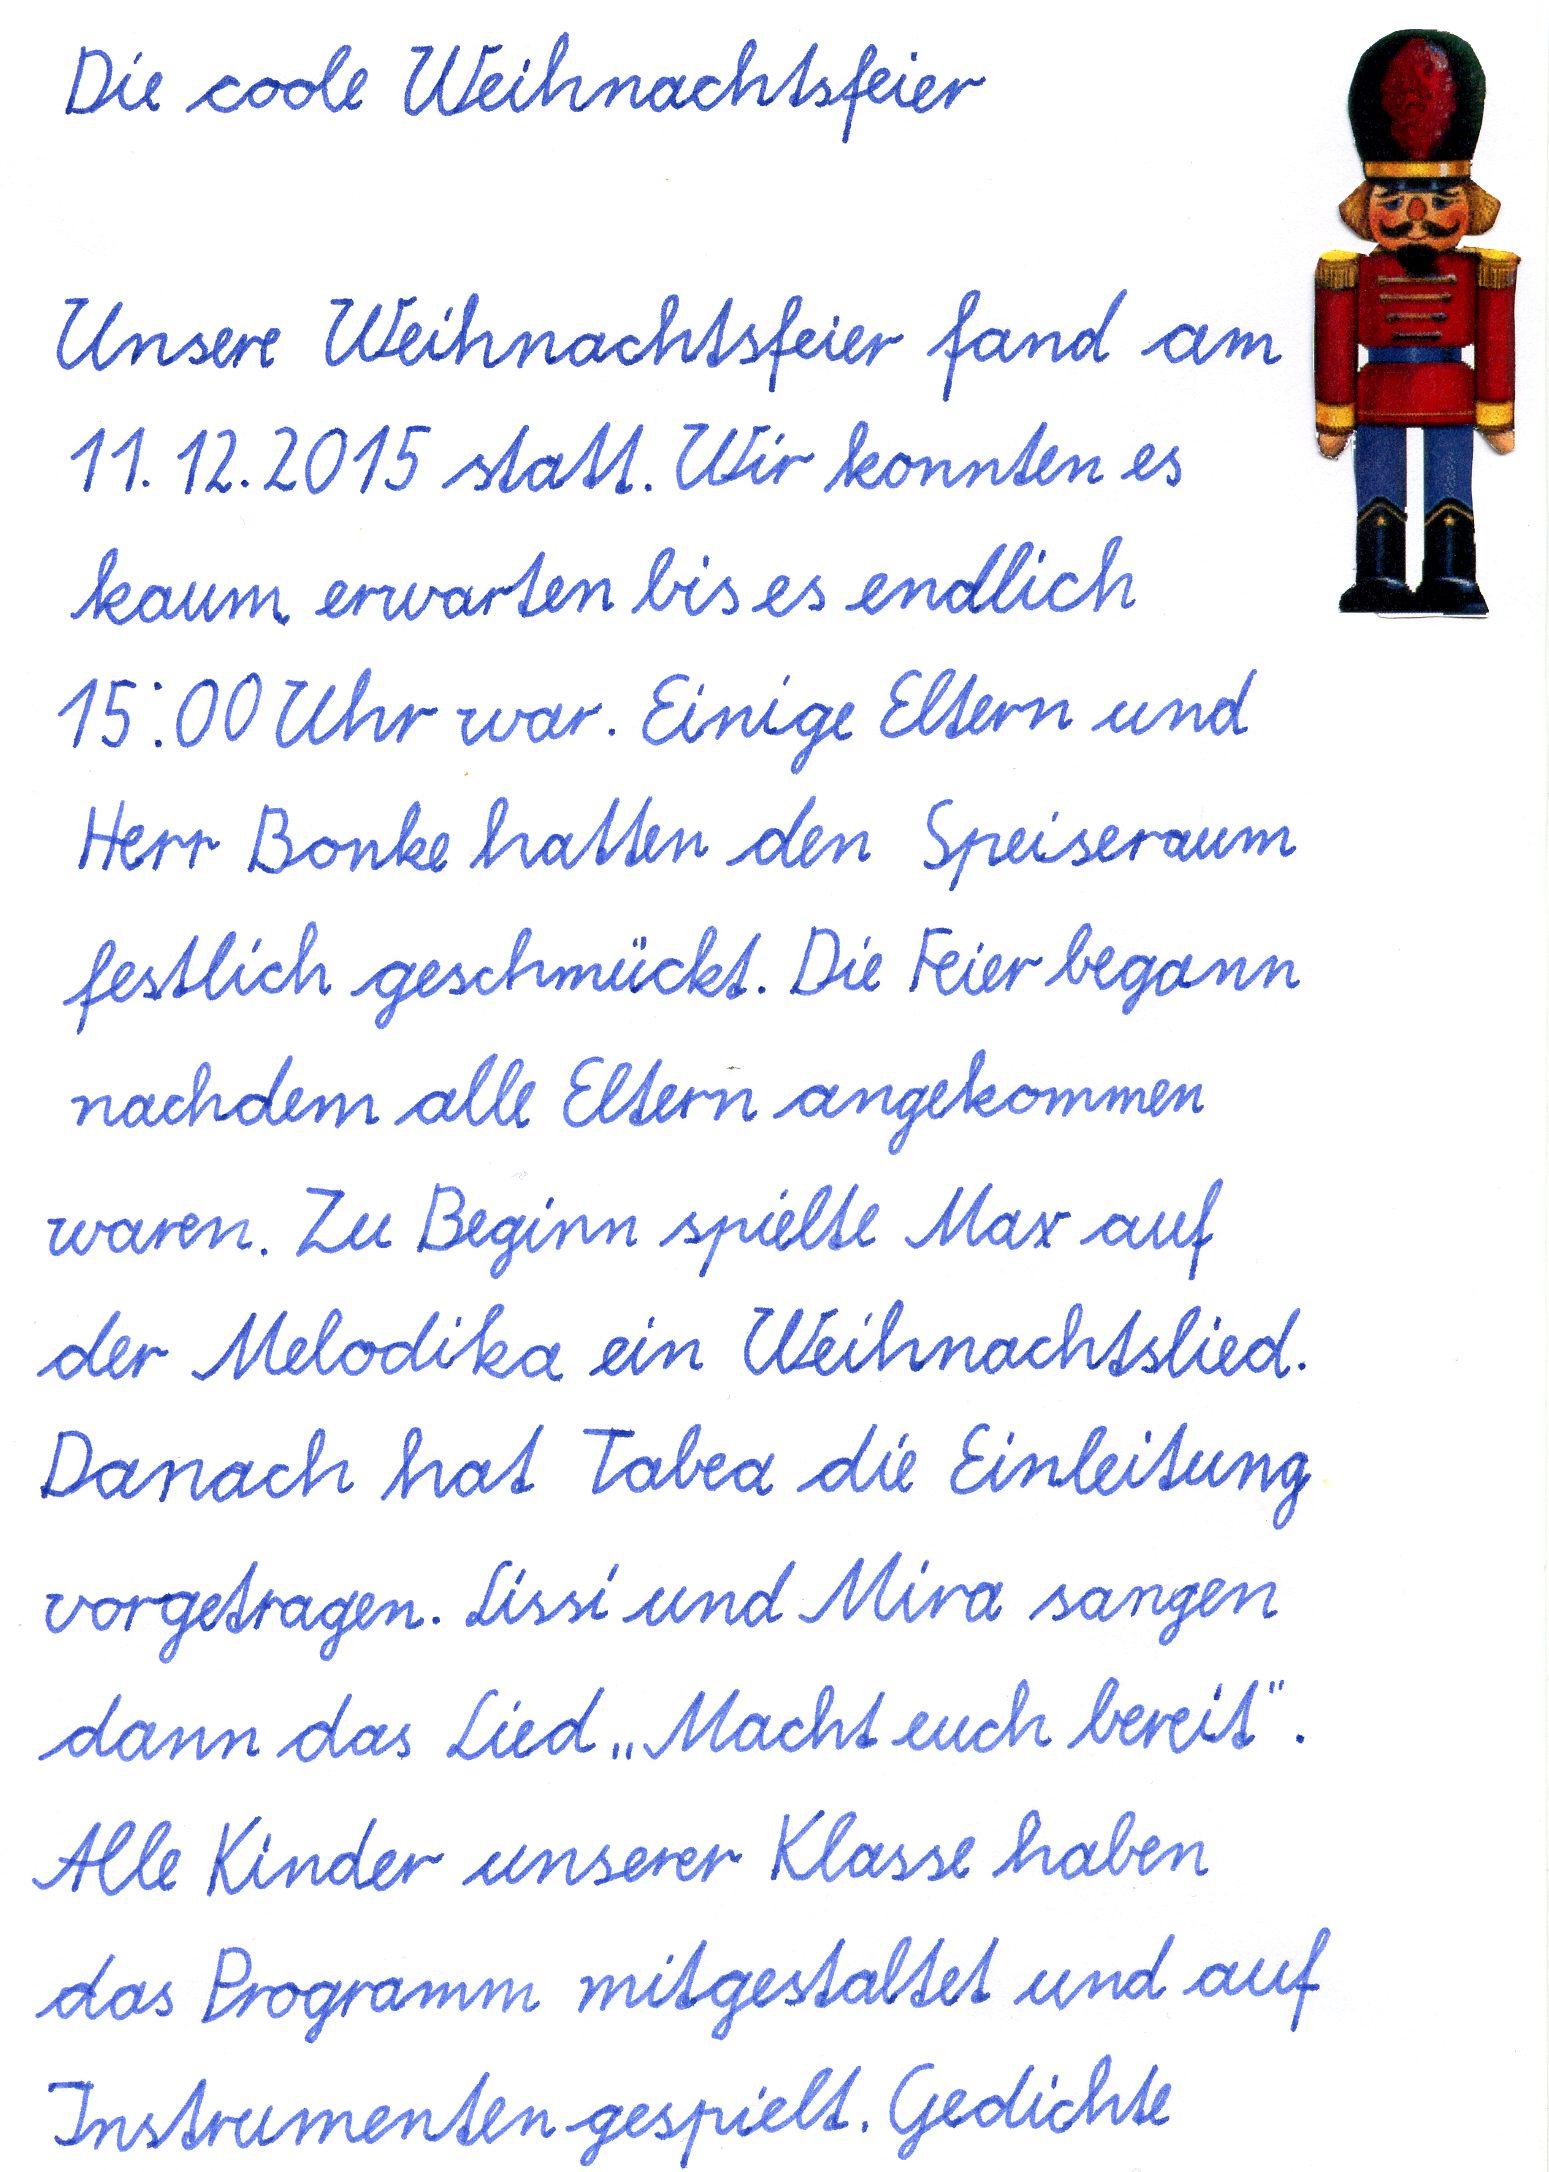 Grundschule Weihnachtsfeier.Heinz Sielmann Grundschule Haßleben Weihnachtsfeier Der Klasse 3